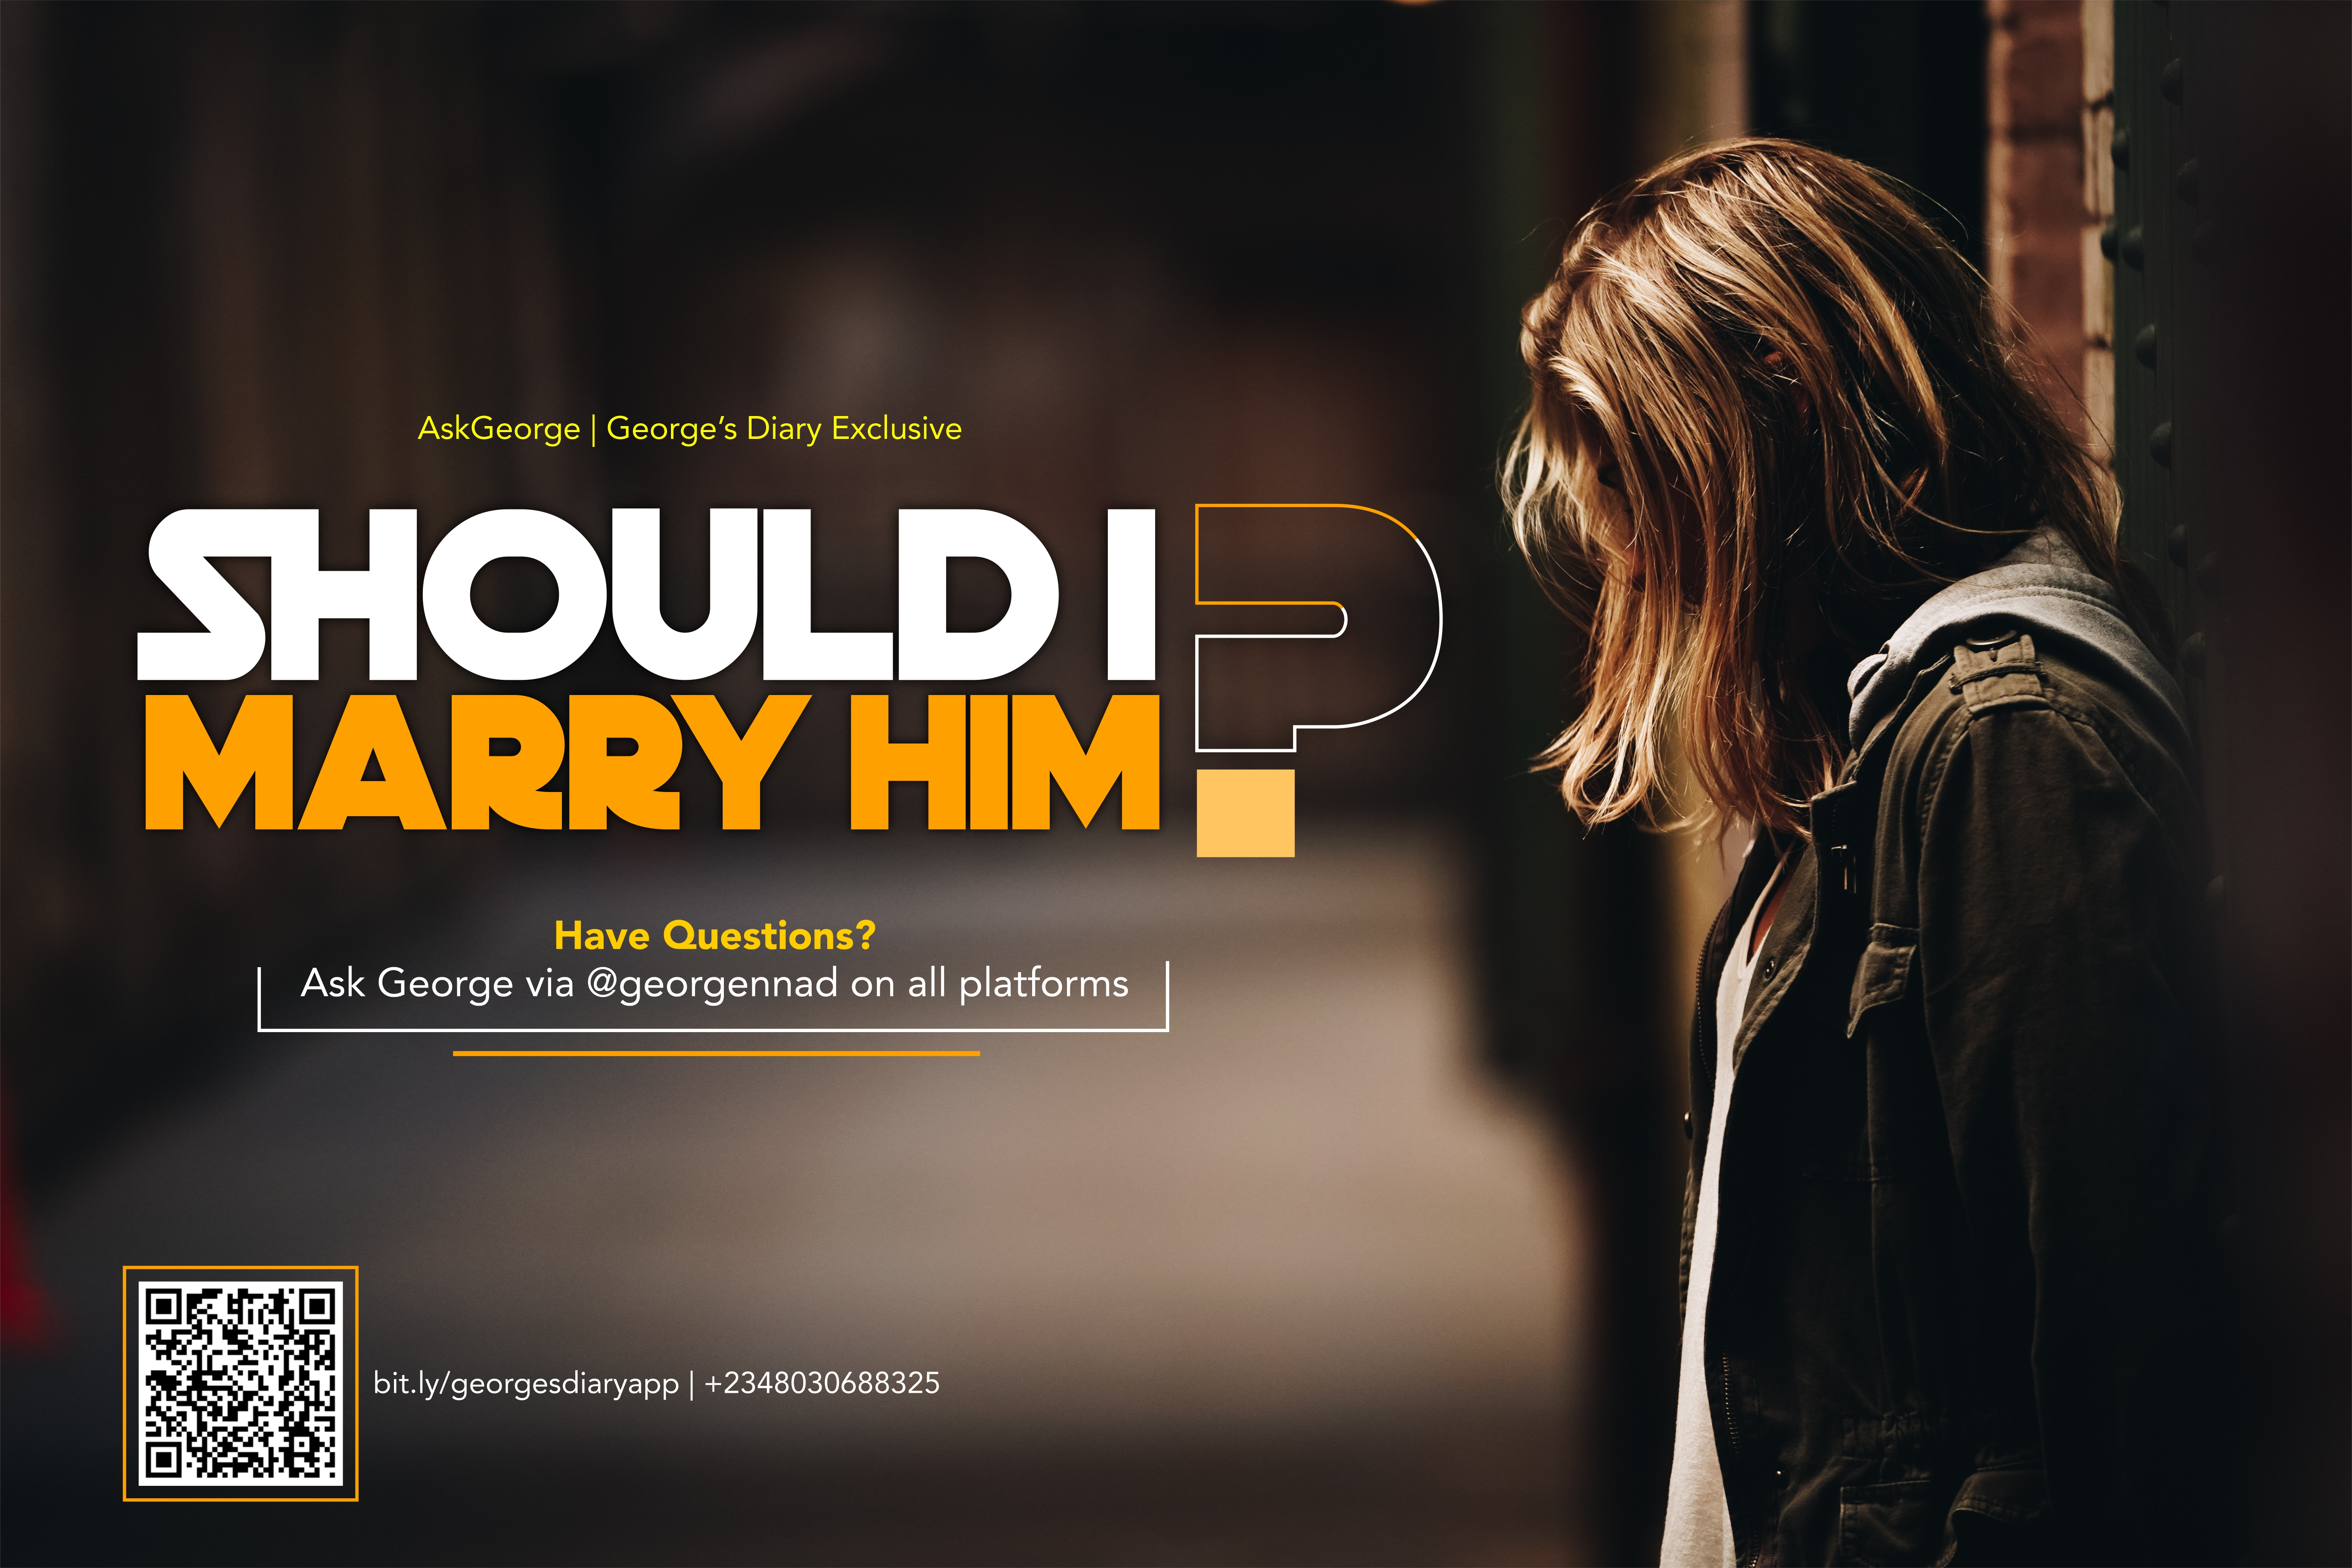 SHOULD I MARRY HIM